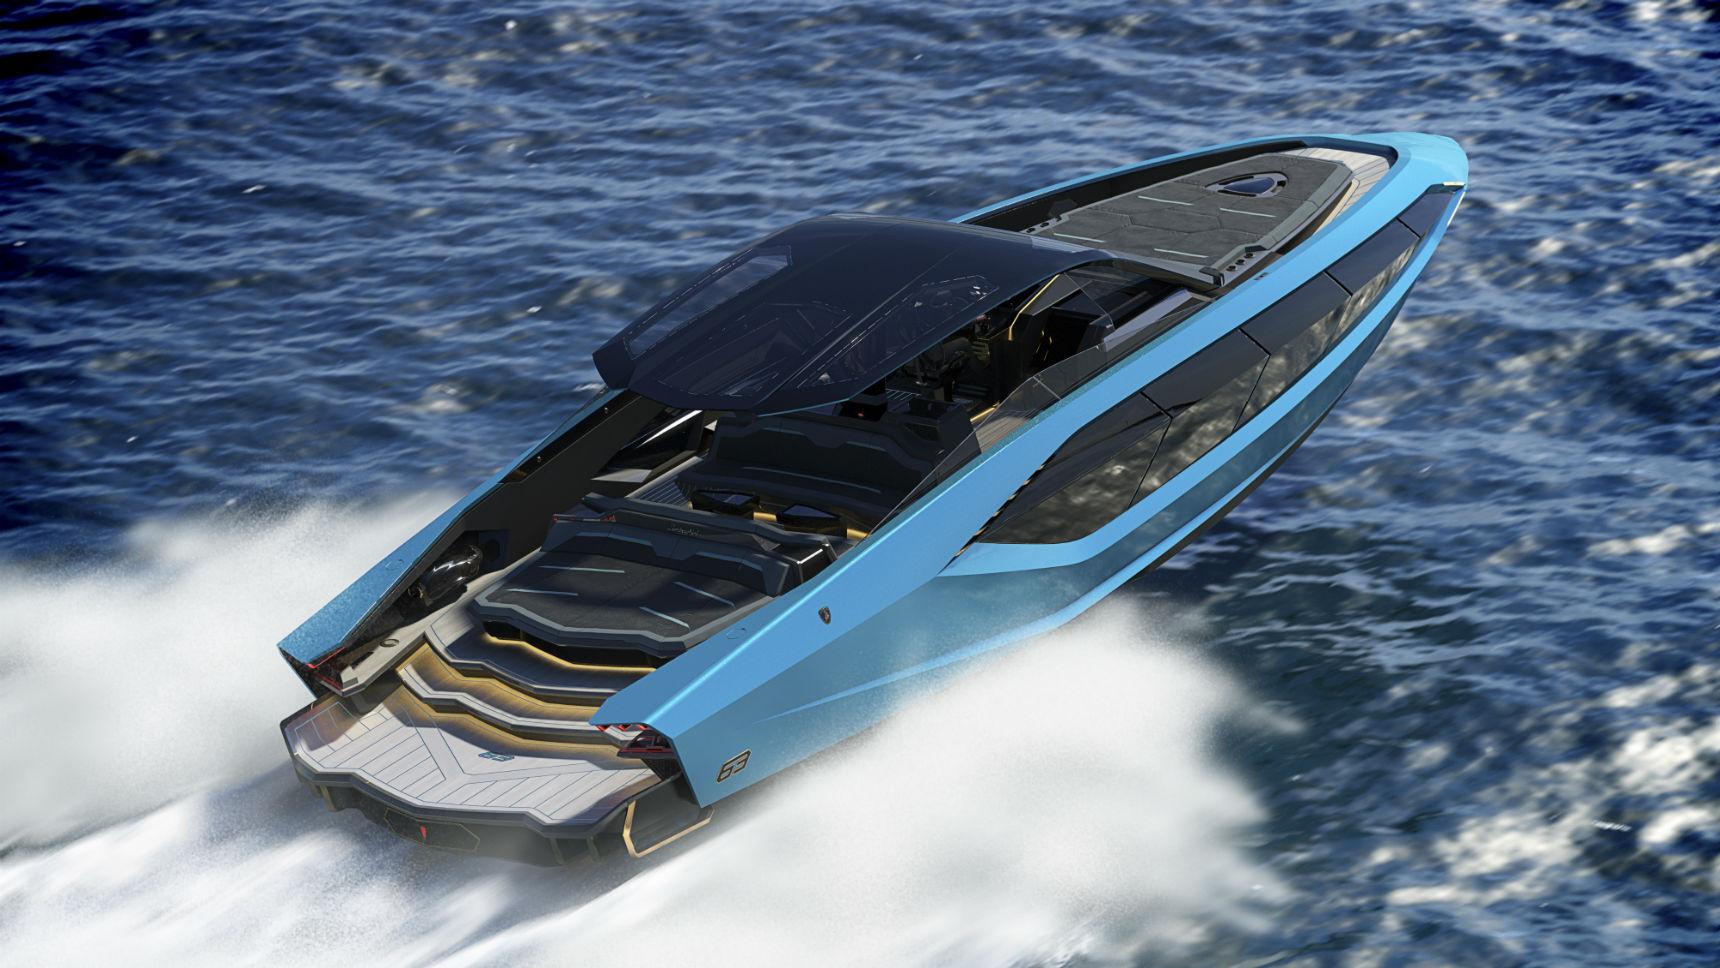 Lamborghini построил яхту в стиле Sian